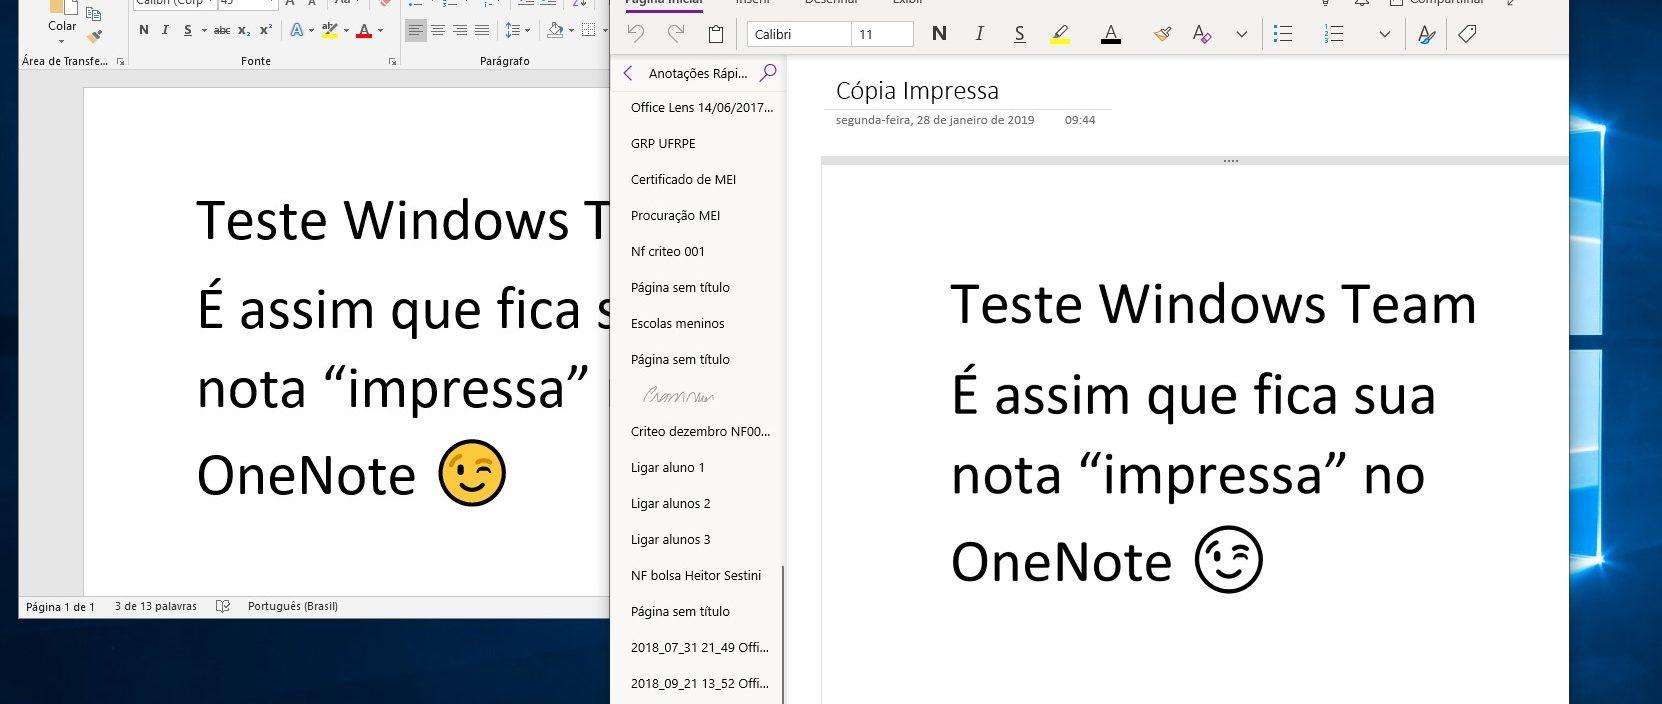 OneNote agora também consta na lista de impressoras no Windows 10